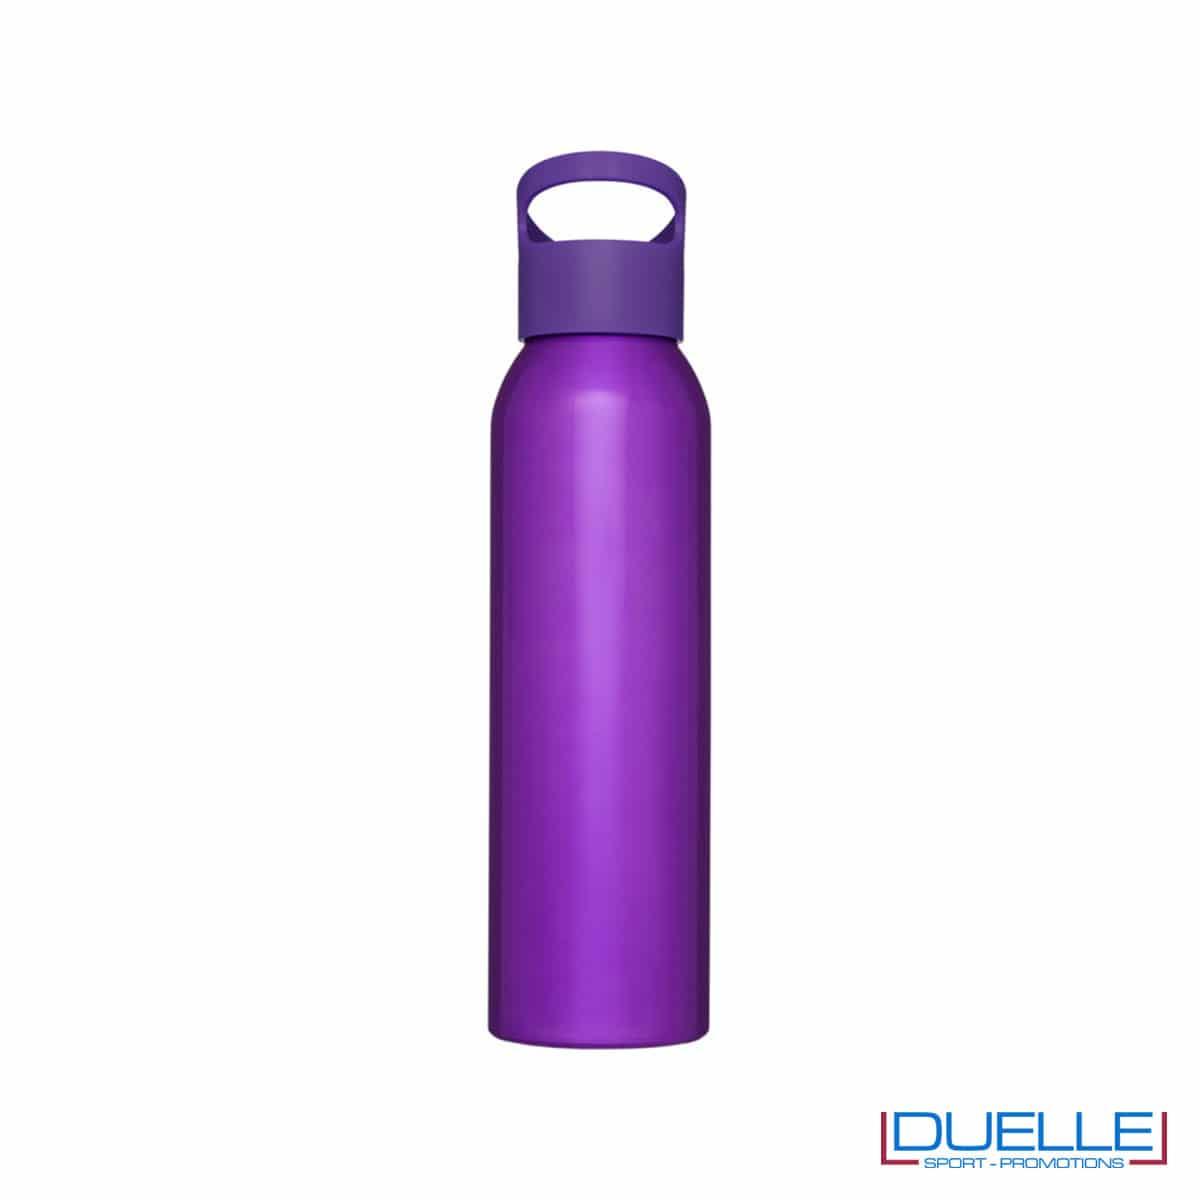 Borraccia alluminio colore viola con tappo in plastica